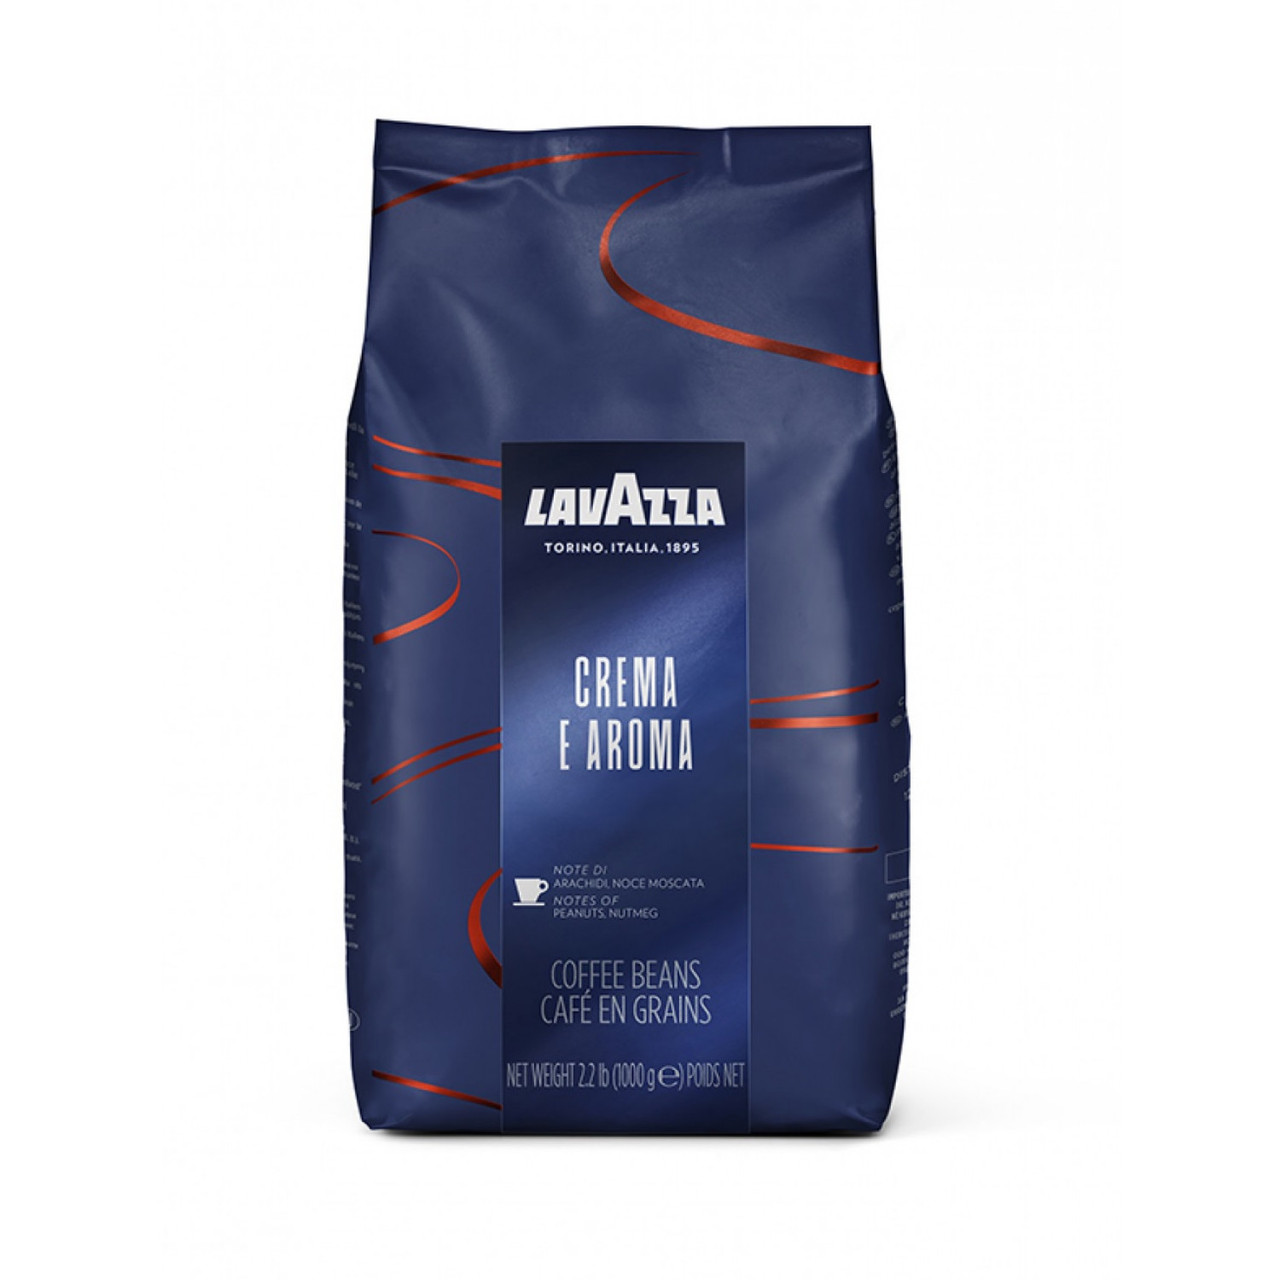 Кава зерно Lavazza Crema e Aroma Espresso (синя) , Італія, 1 кг(ОРИГІНАЛ)